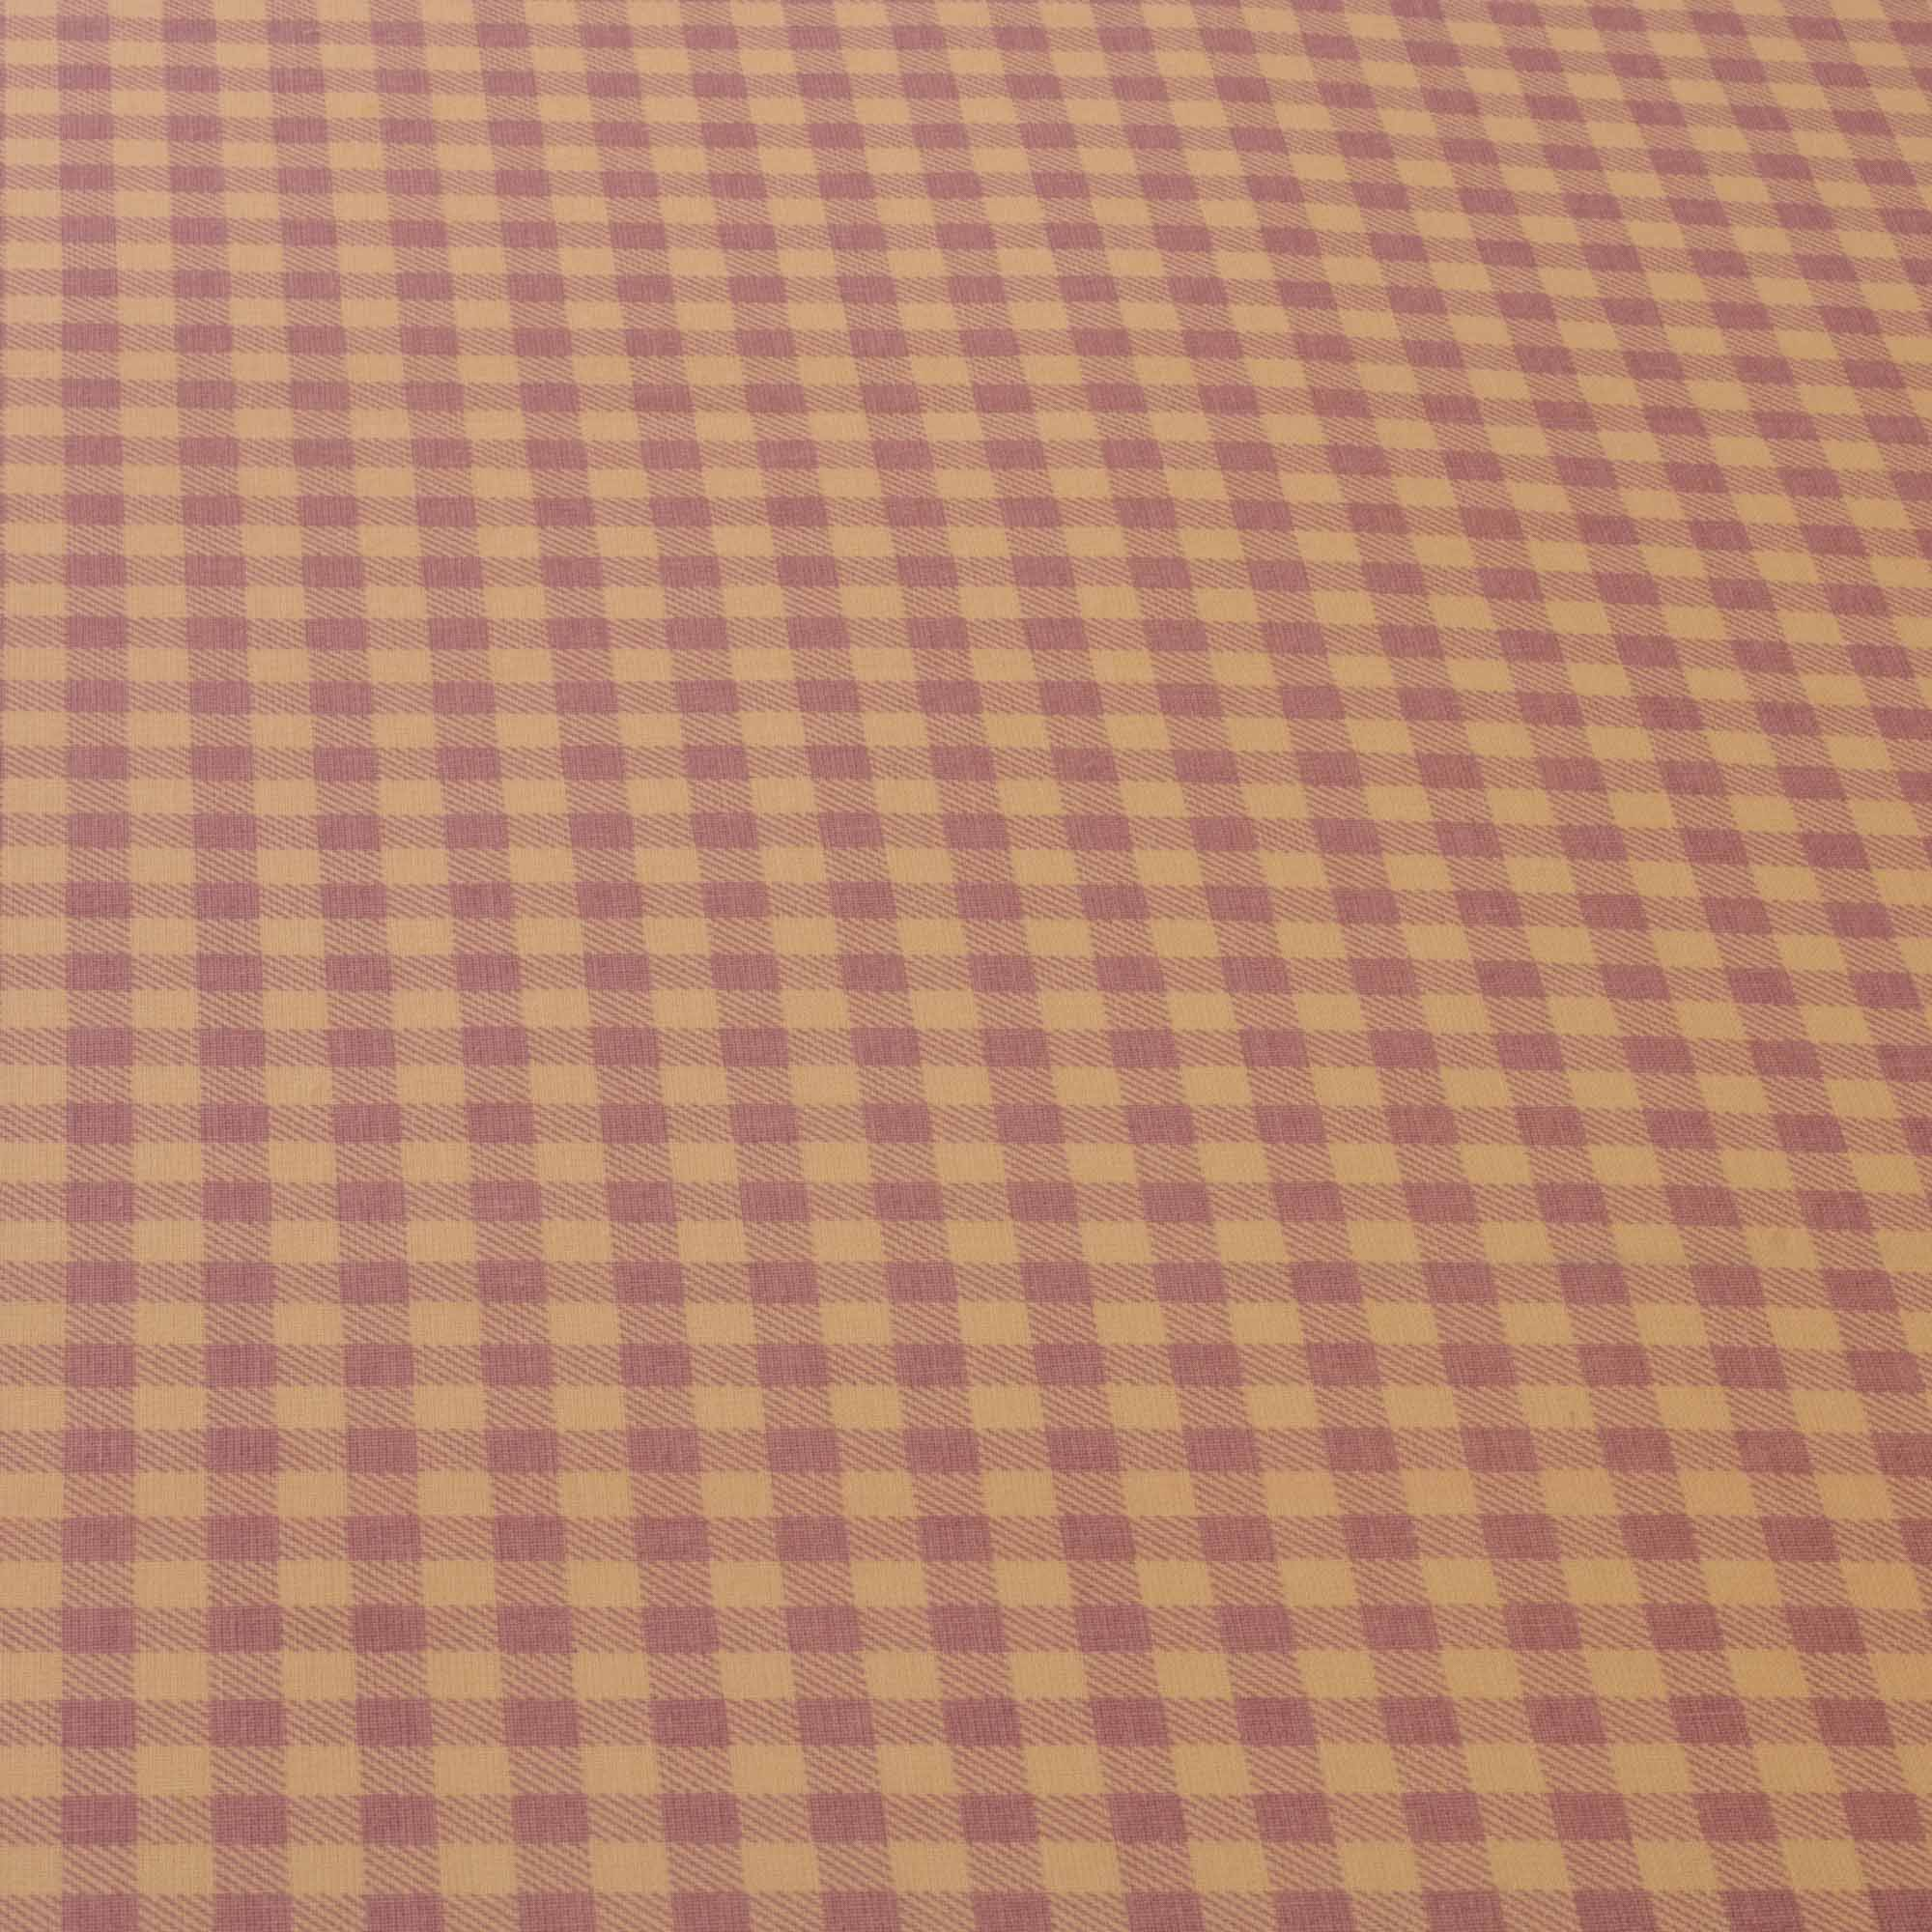 Tecido tricoline misto estampado xadrez 1,40 m largura lilas